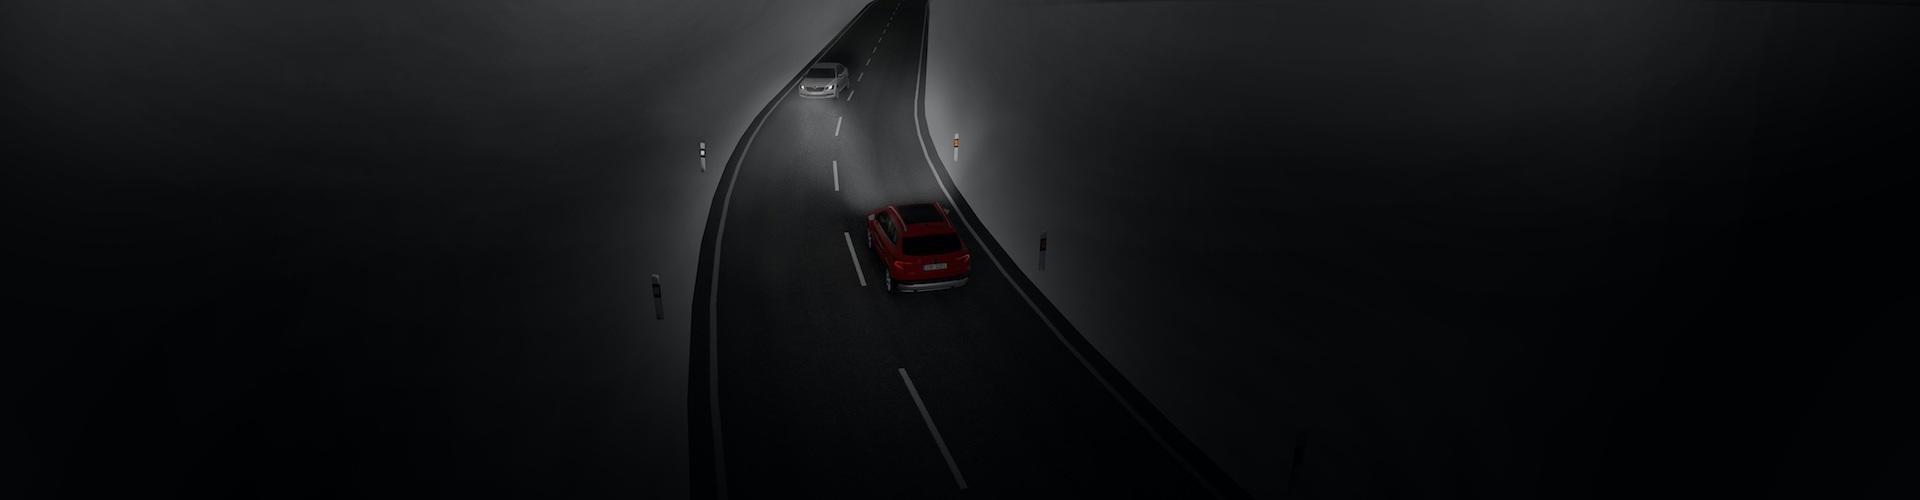 First_Drive_Skoda_Karoq_213